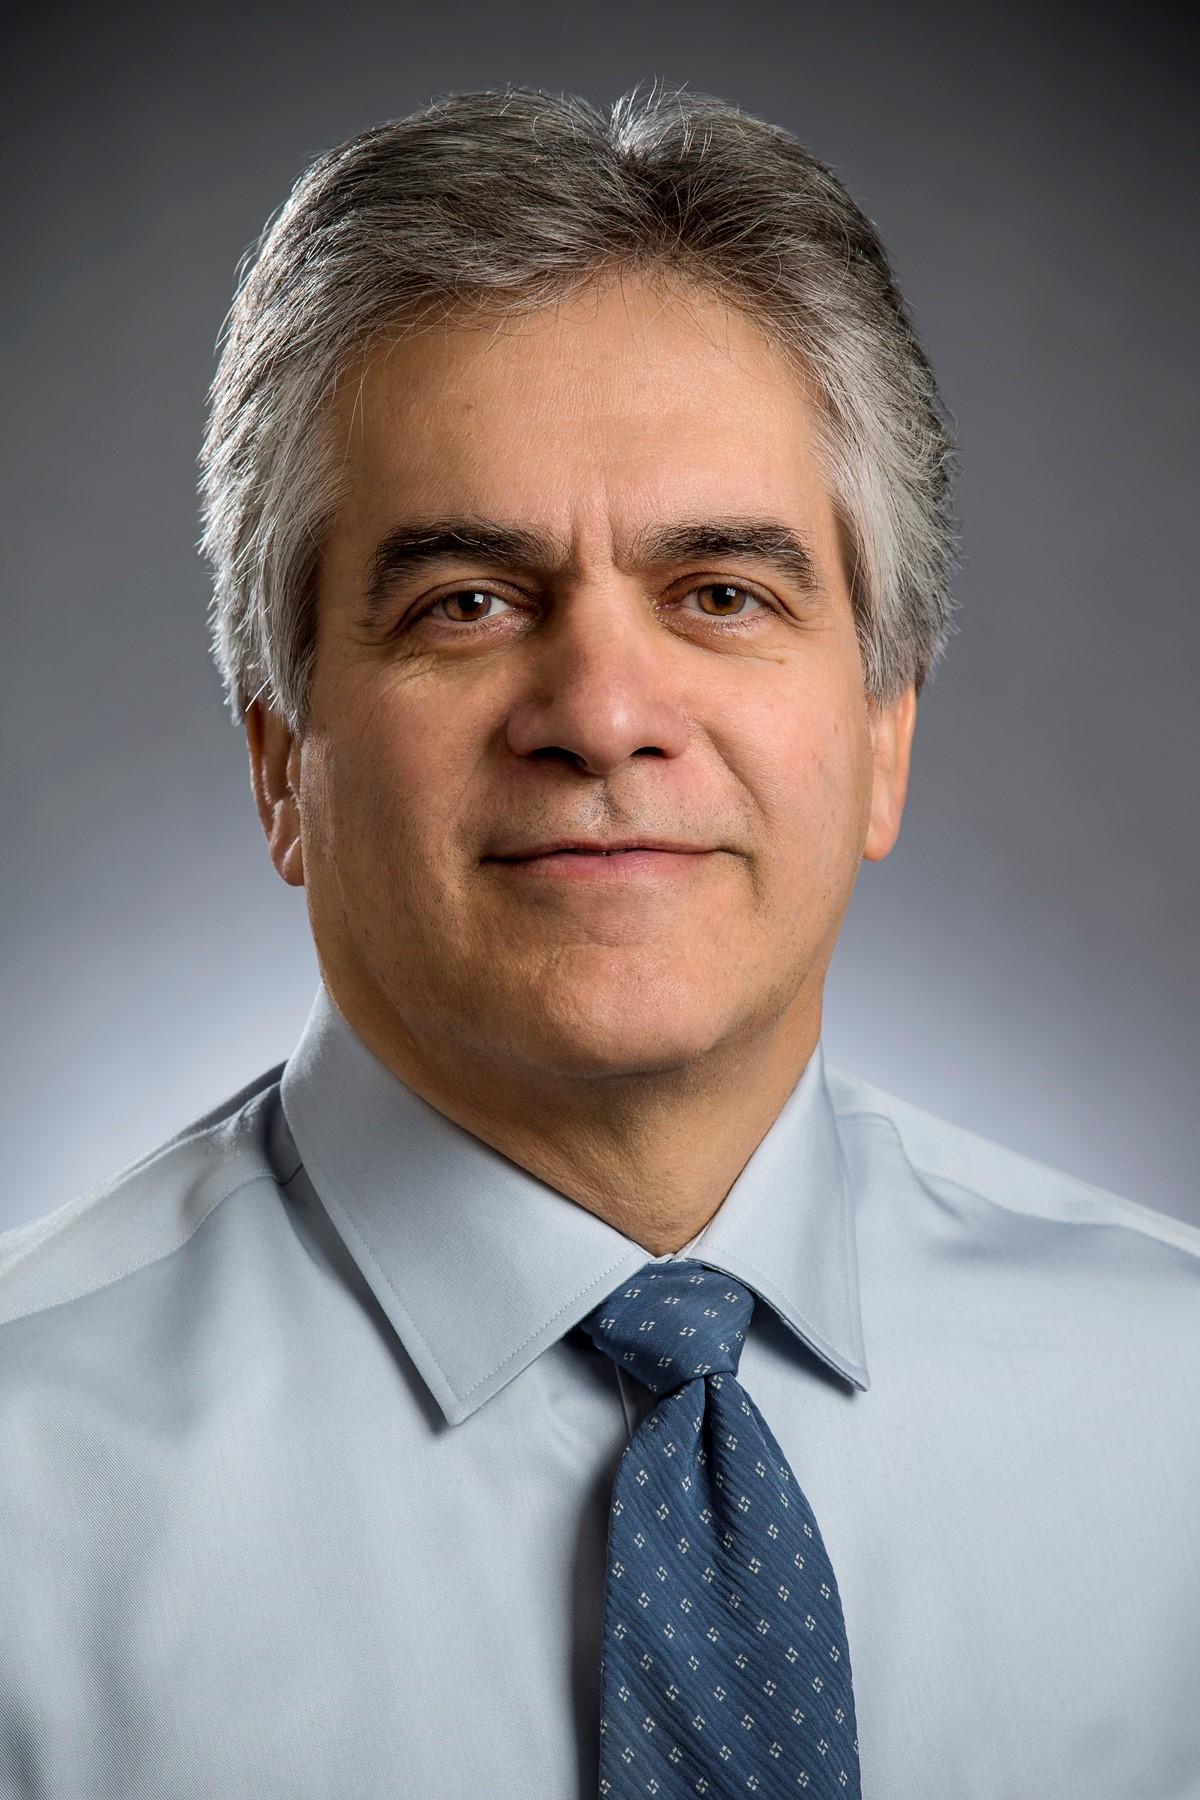 Michael Dara, MD